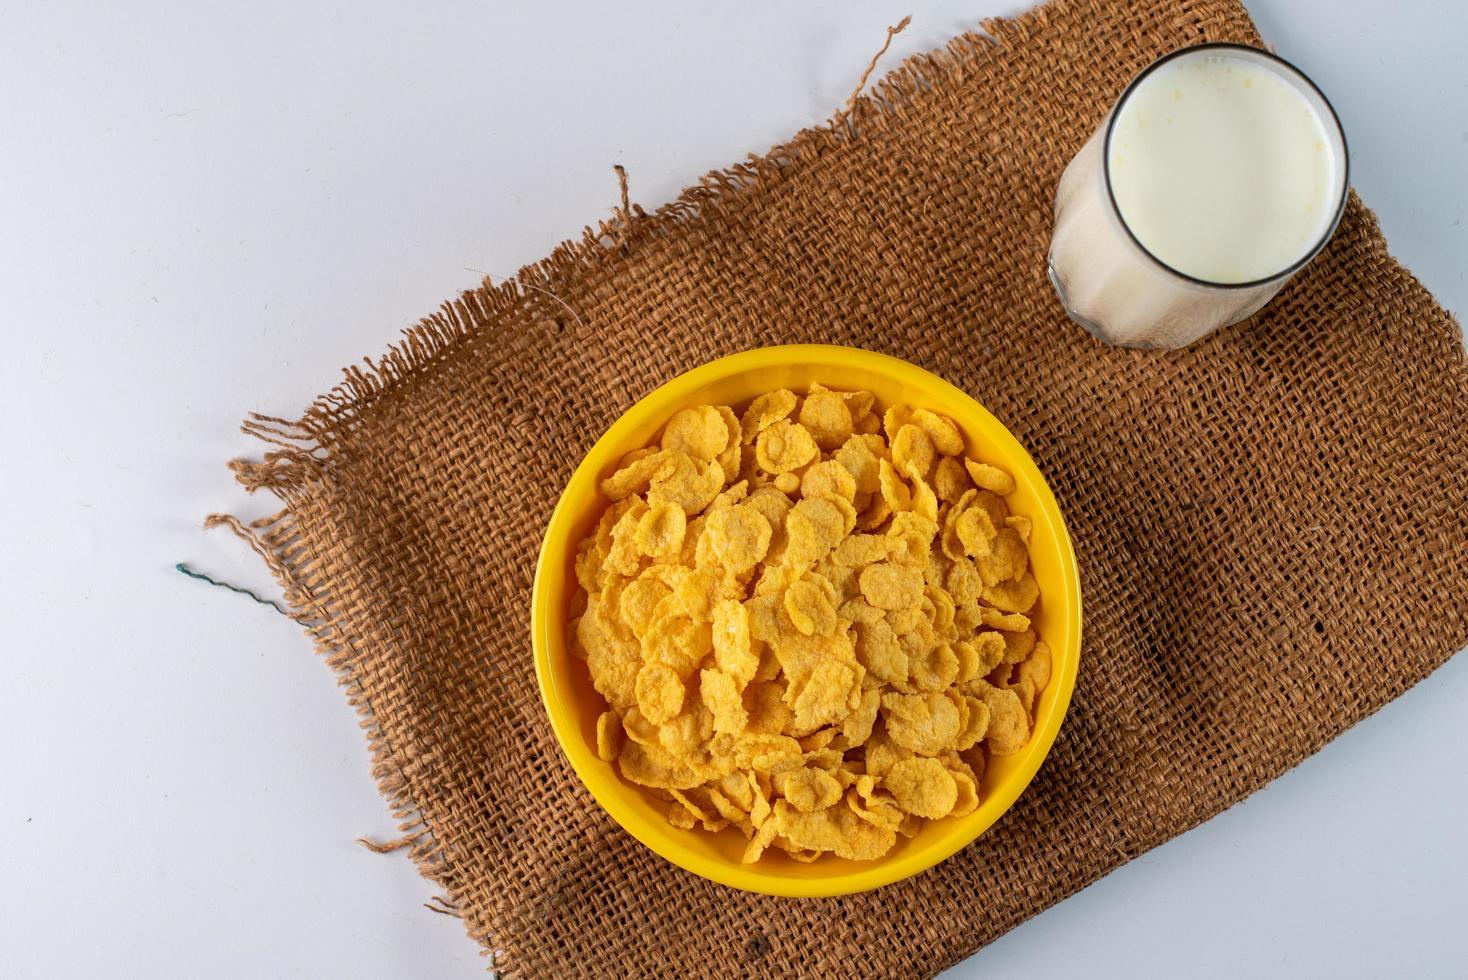 cereali e latte su sfondo neutro foto